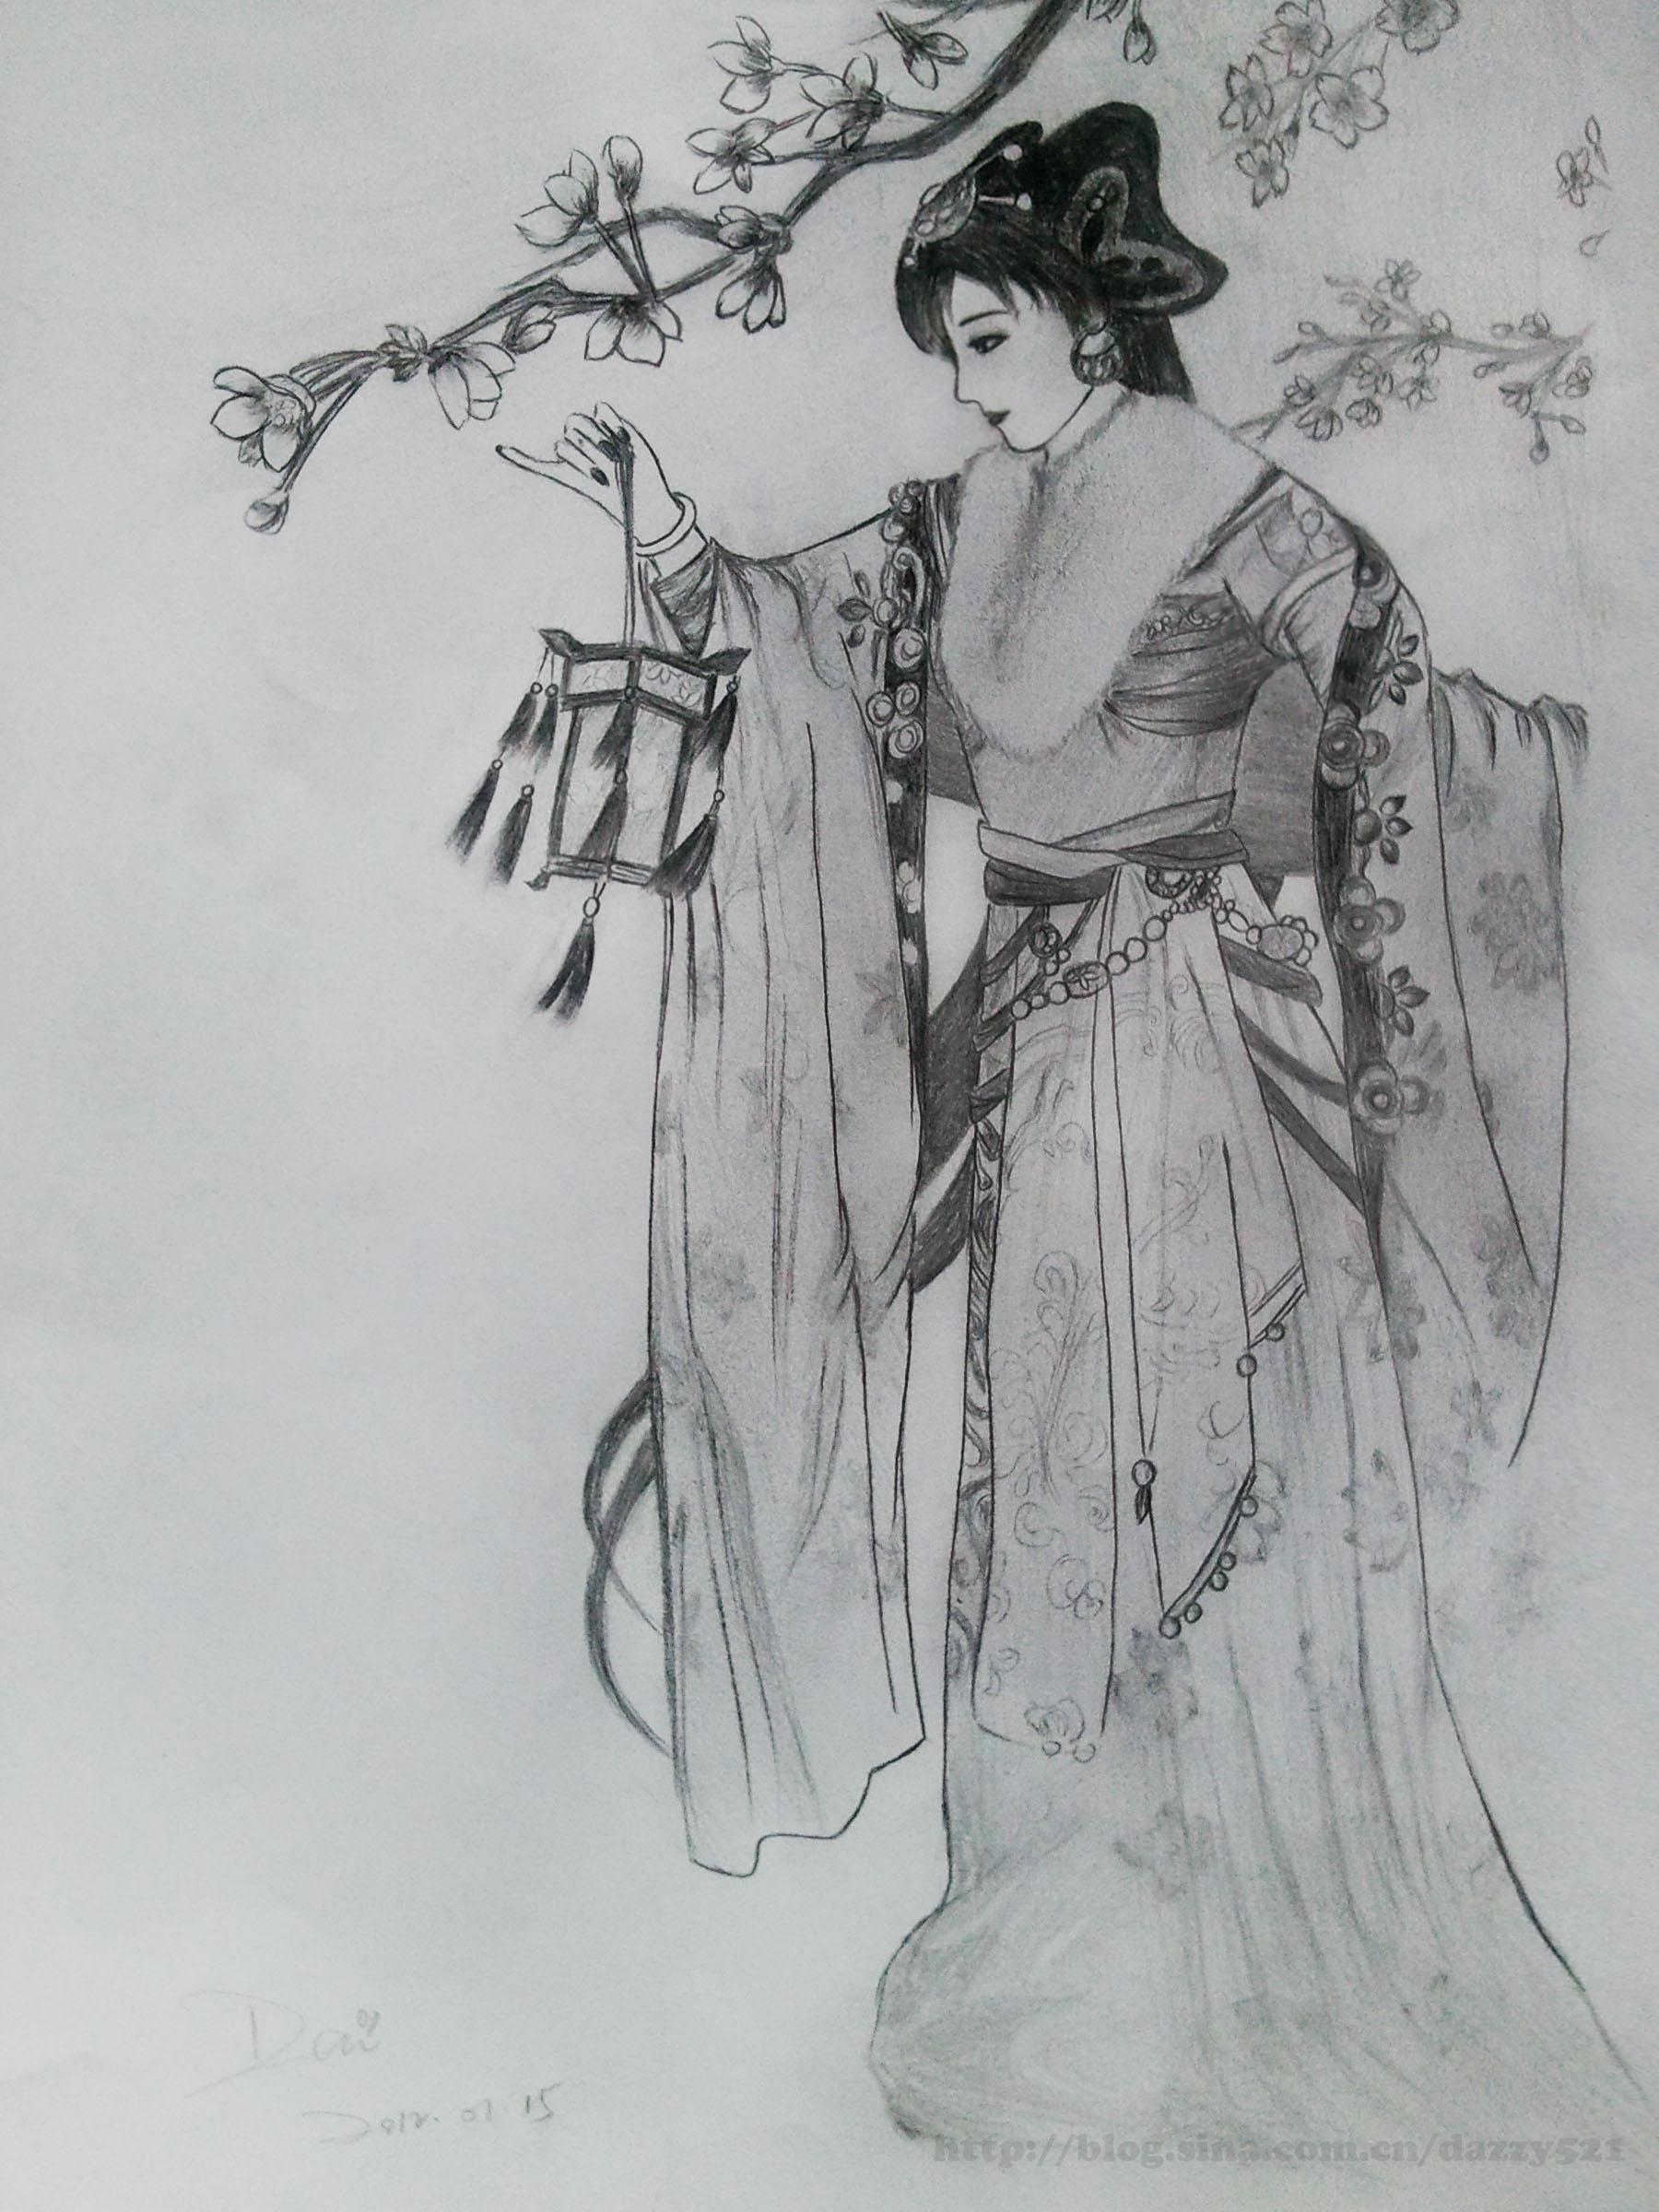 国画 简笔画 手绘 素描 线稿 1800_2400 竖版 竖屏